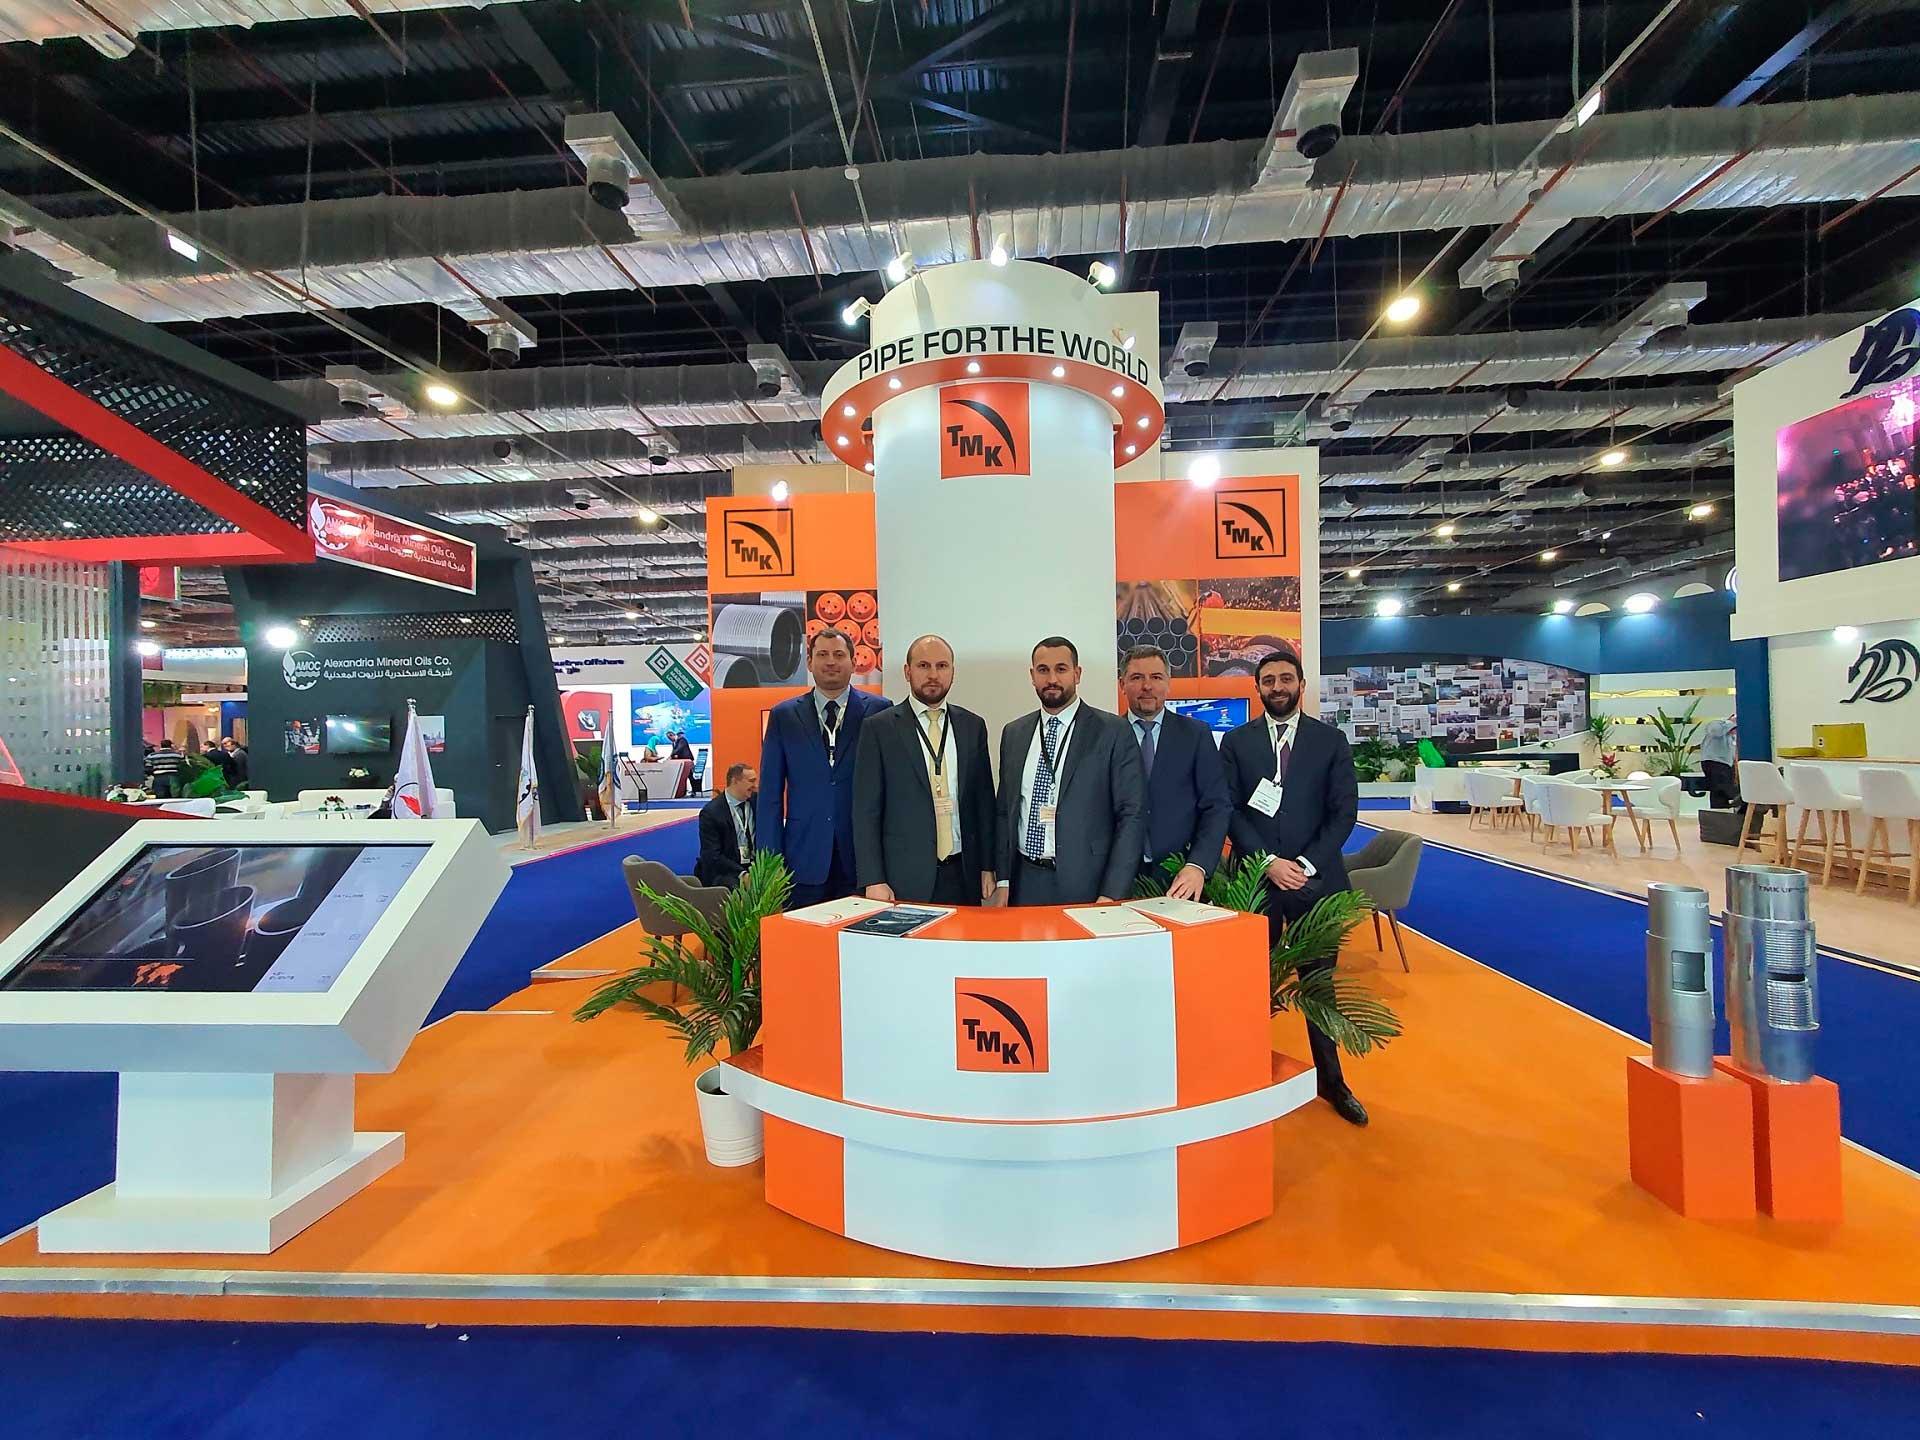 ТМК выступила спонсором международной нефтегазовой выставки EGYPS 2020